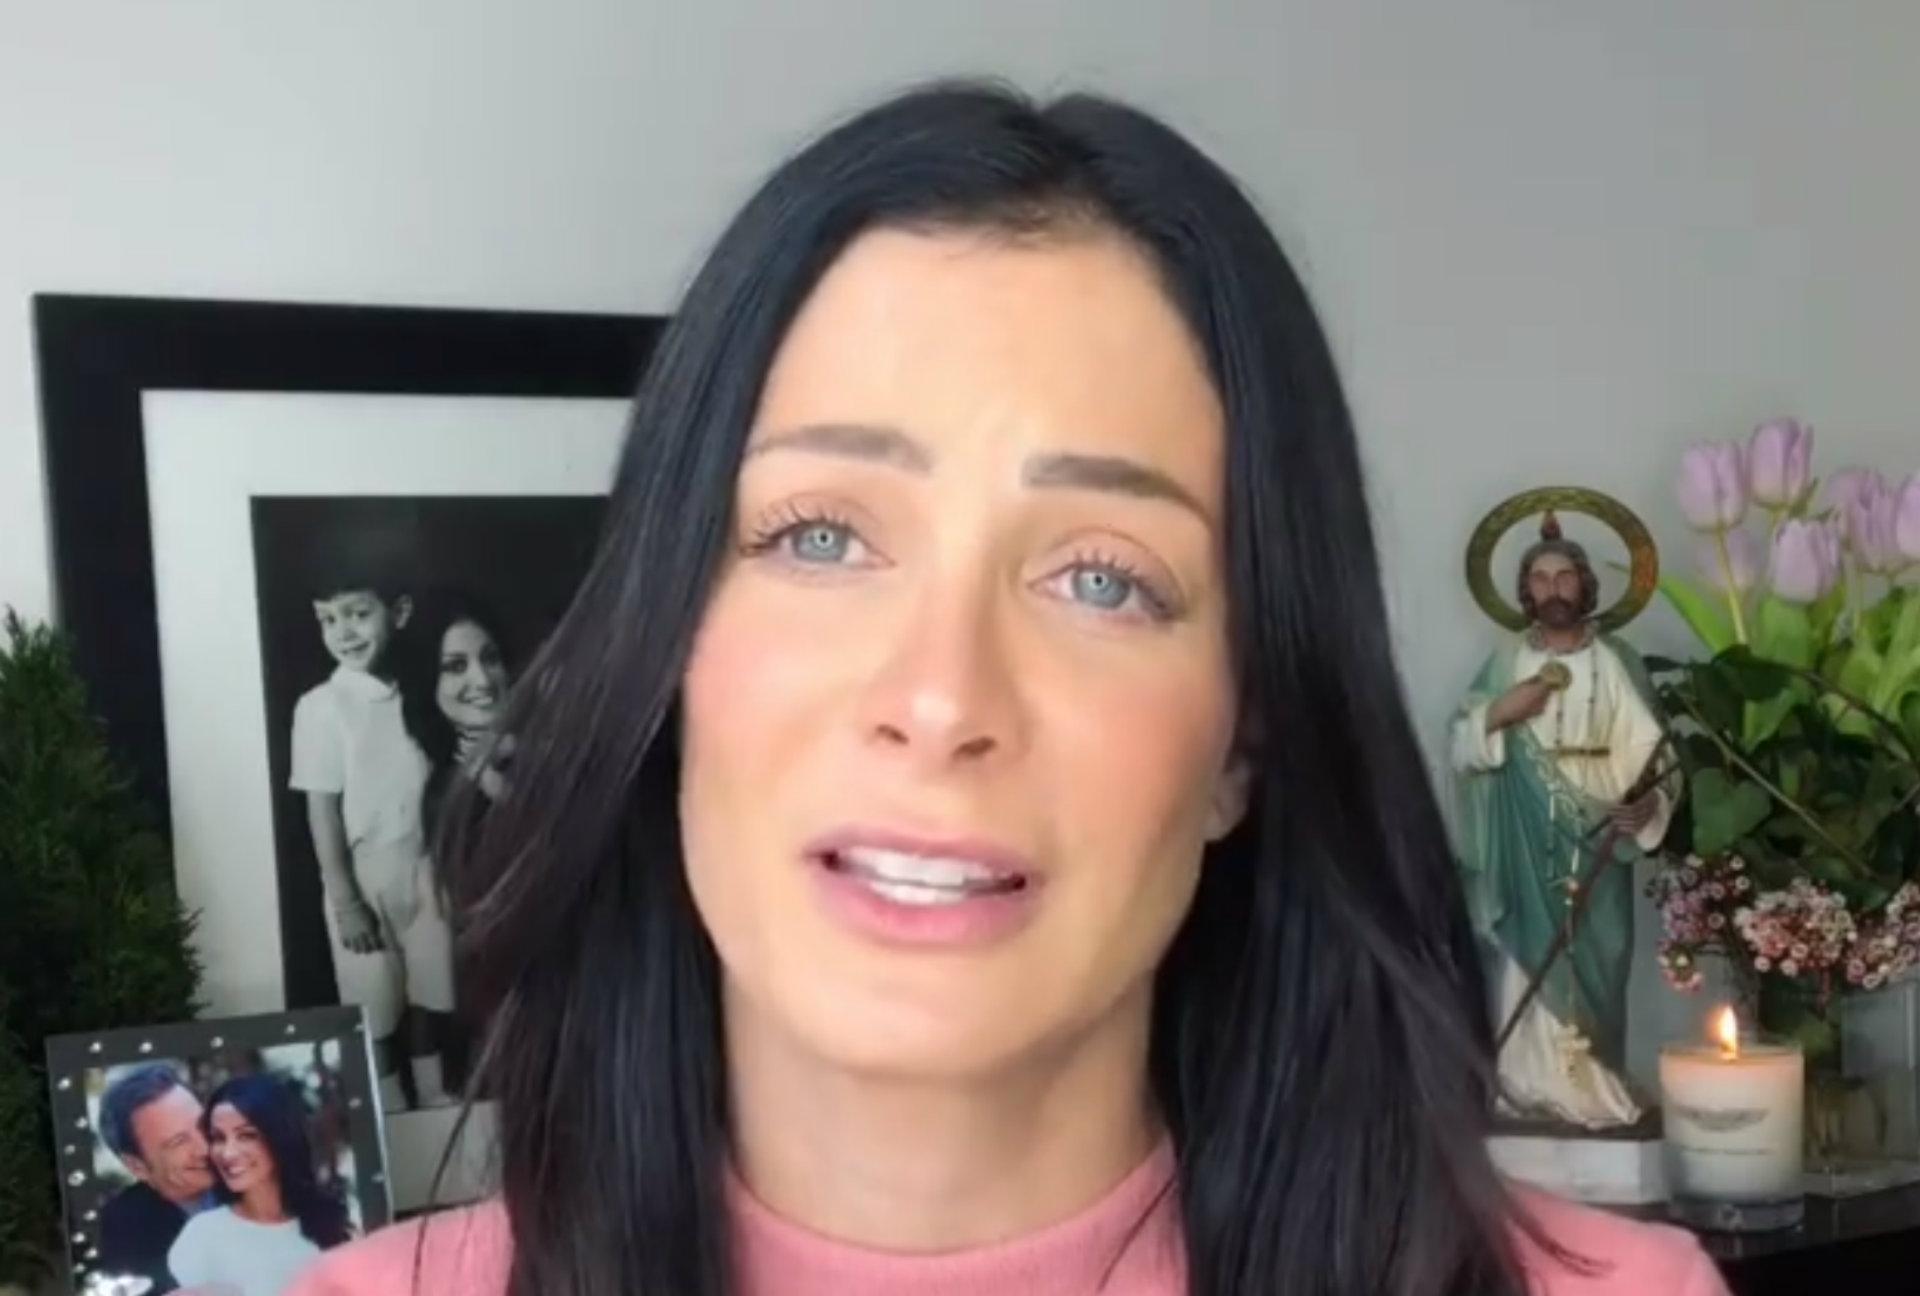 En su video del 4 de febrero se veía su foto junto a D'Esposito (Instagram)